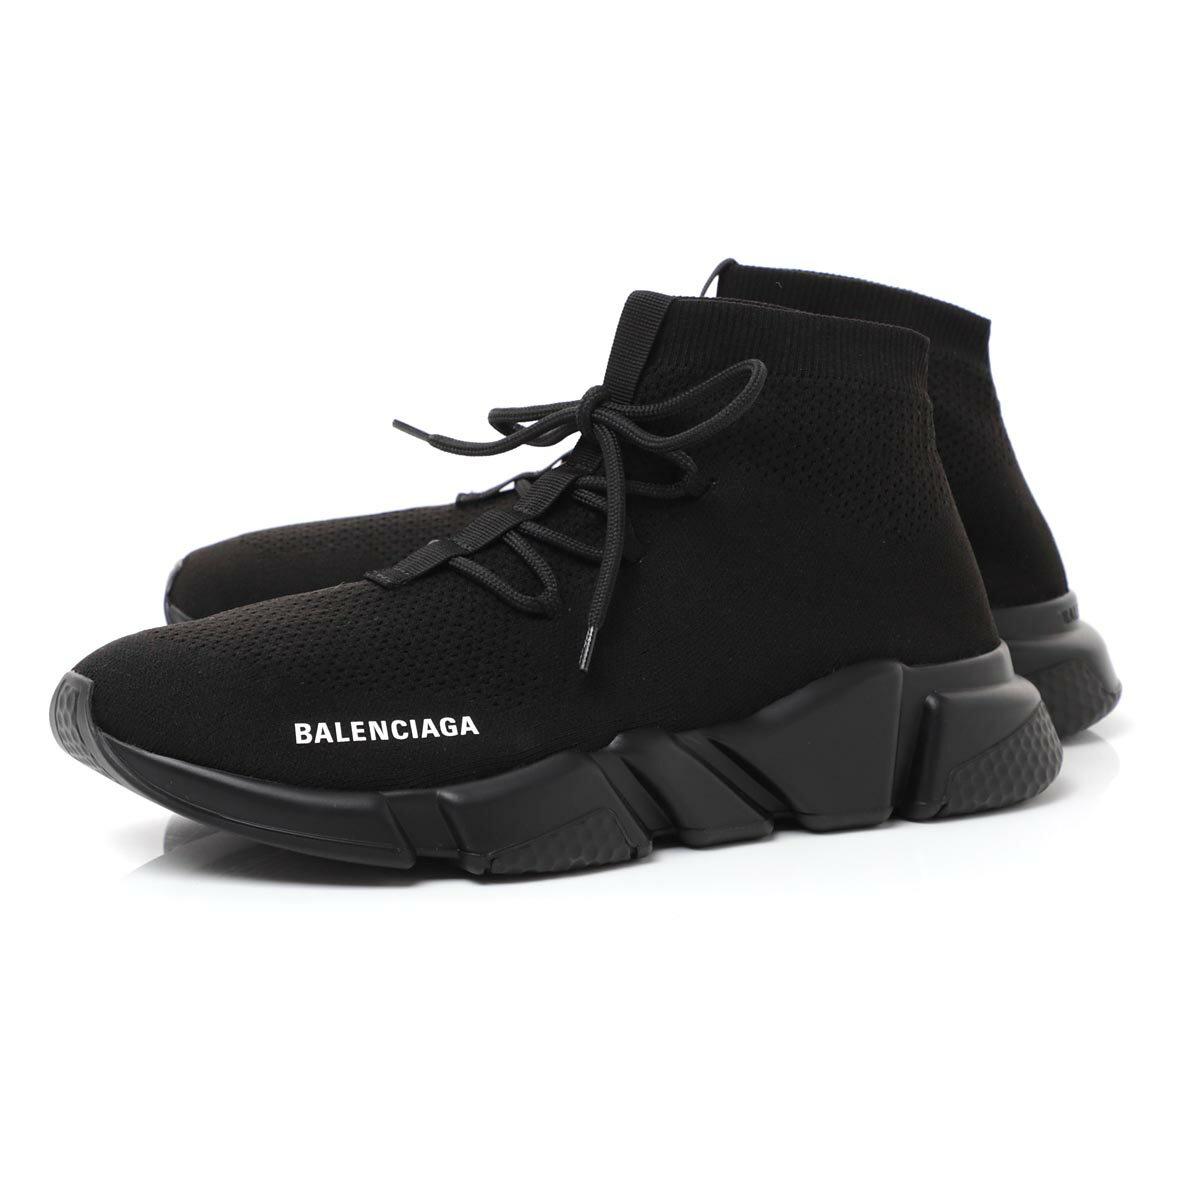 メンズ靴, スニーカー  BALENCIAGA 560236 w1hp0 1000 SPEED LACE-UP TRAINER